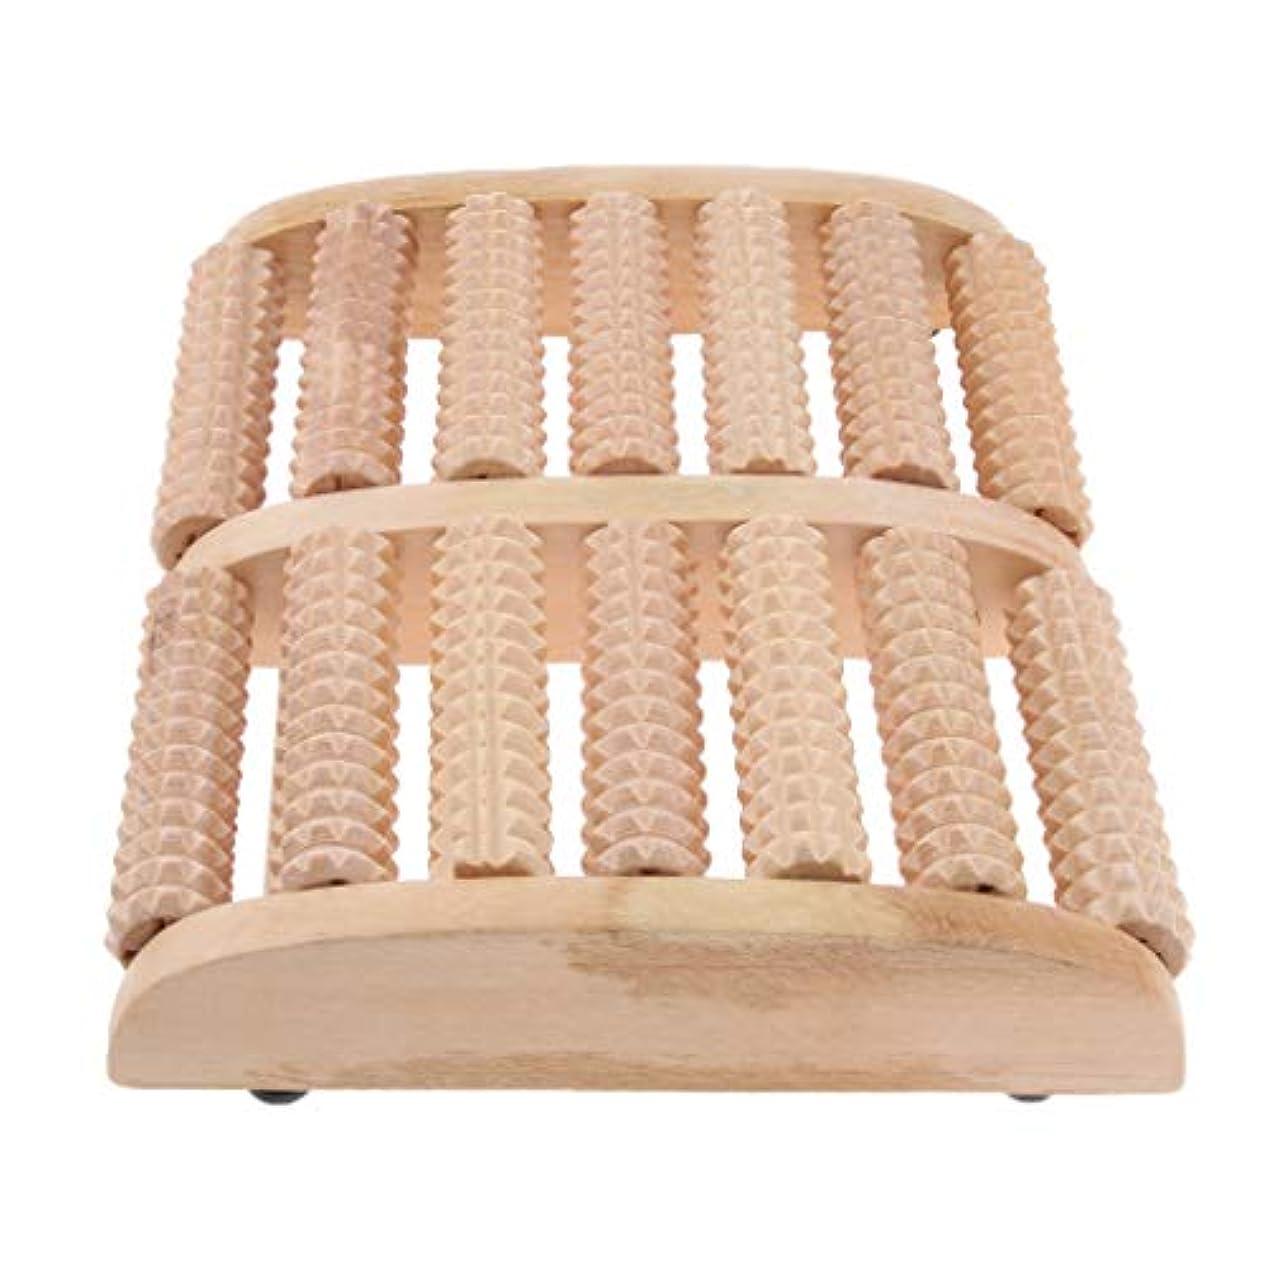 道徳教育曇った受け皿IPOTCH マッサージローラー 7行 自然木製 足踏み フットマッサージ ツボ押し 痛み緩和 健康器具 高品質